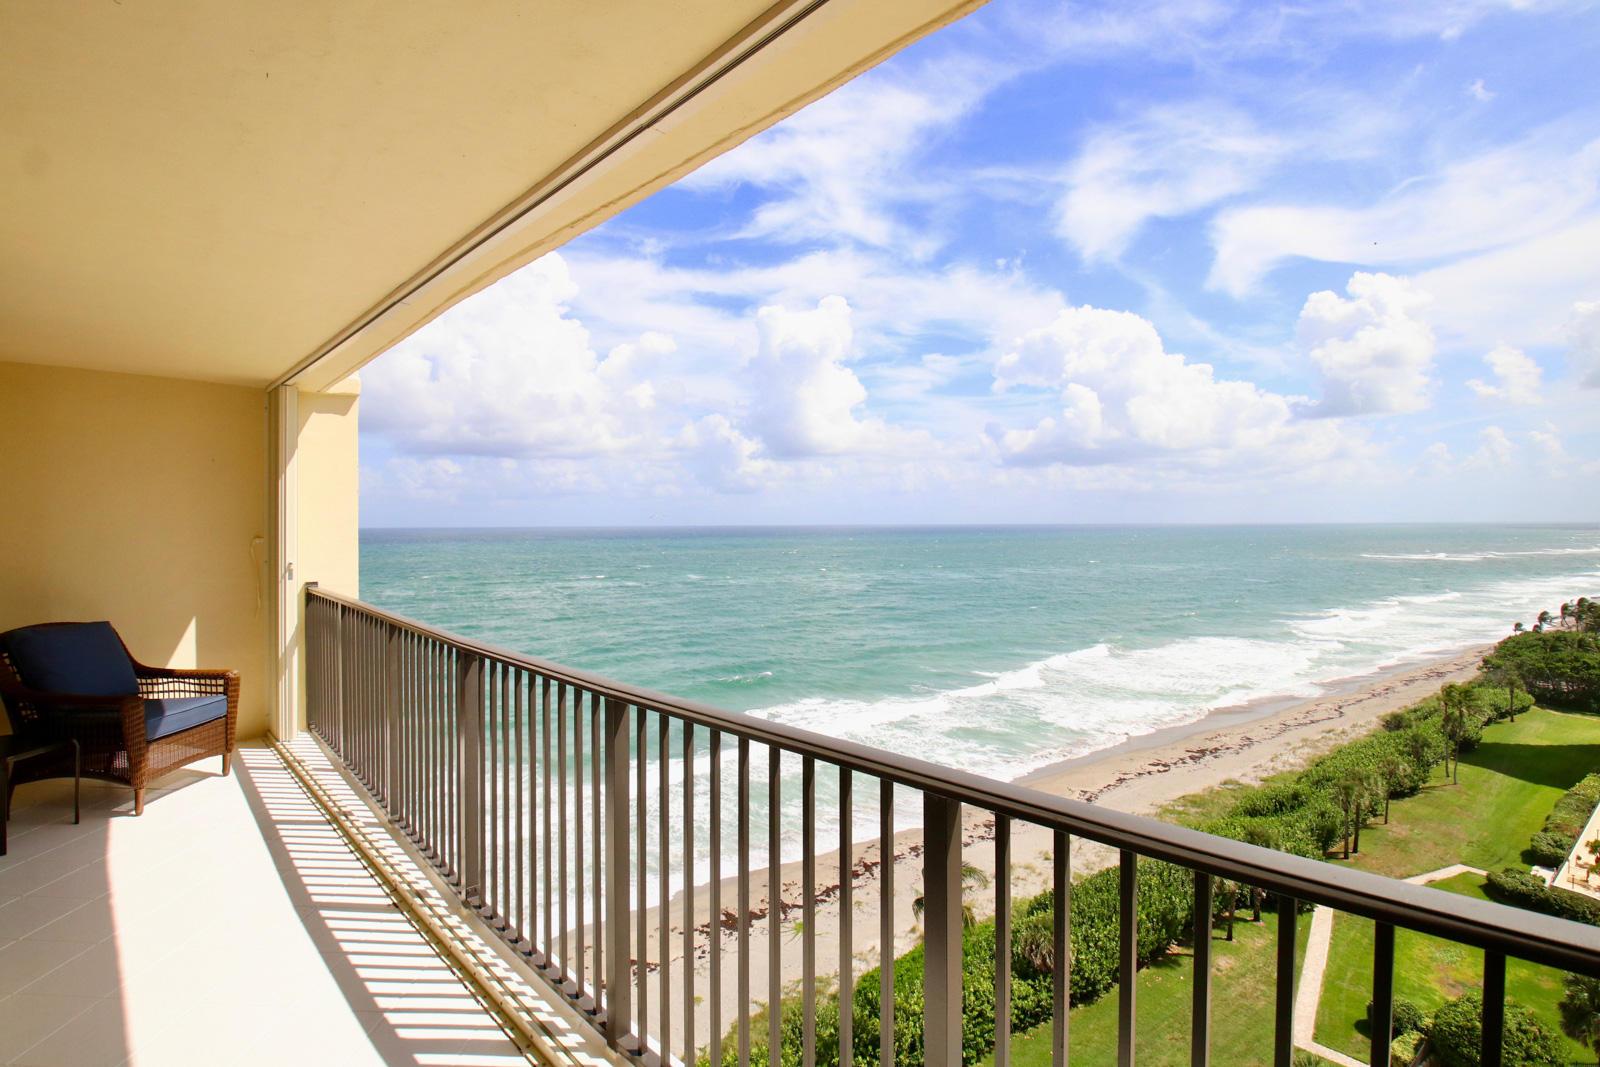 200 Ocean Trail Way, Jupiter, Florida 33477, 2 Bedrooms Bedrooms, ,2 BathroomsBathrooms,Condo/Coop,For Sale,Ocean Trail,Ocean Trail,13,RX-10469219